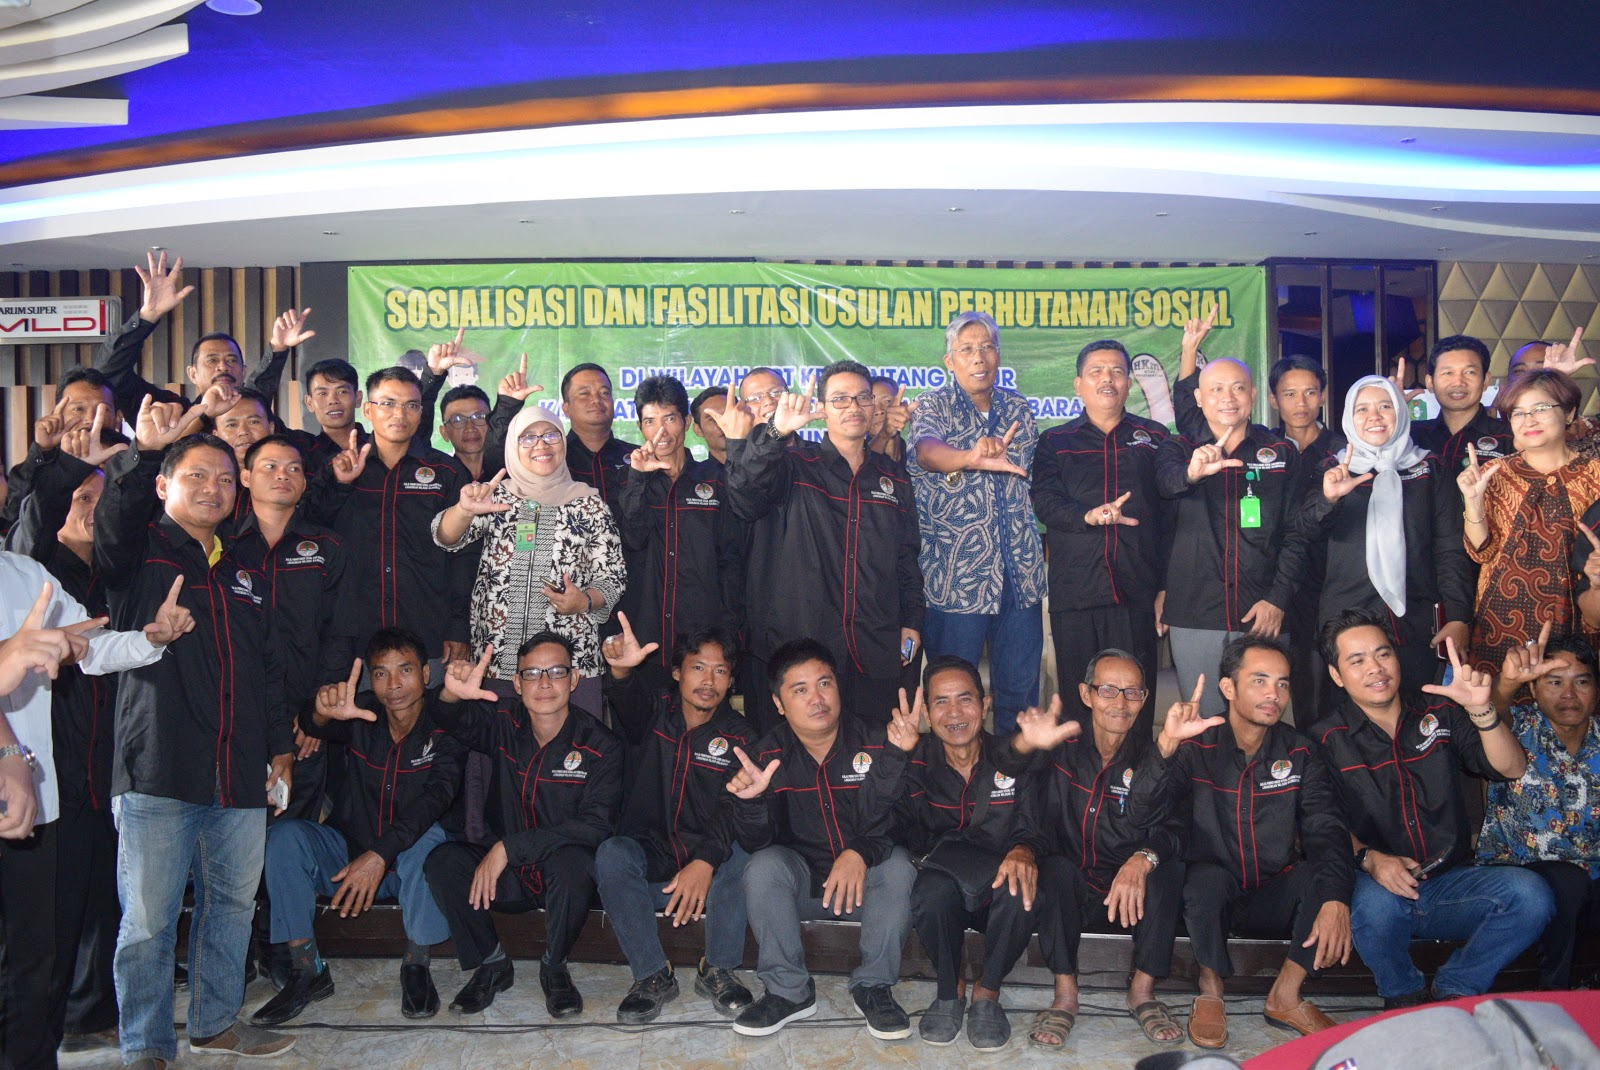 Jarot Winarno Buka Sosialisasi Dan Fasilitasi Usulan Perhutanan Sosial Di Wilayah UPT KPH Sintang Timur Kabupaten Sintang Kalimantan Barat Tahun 2018